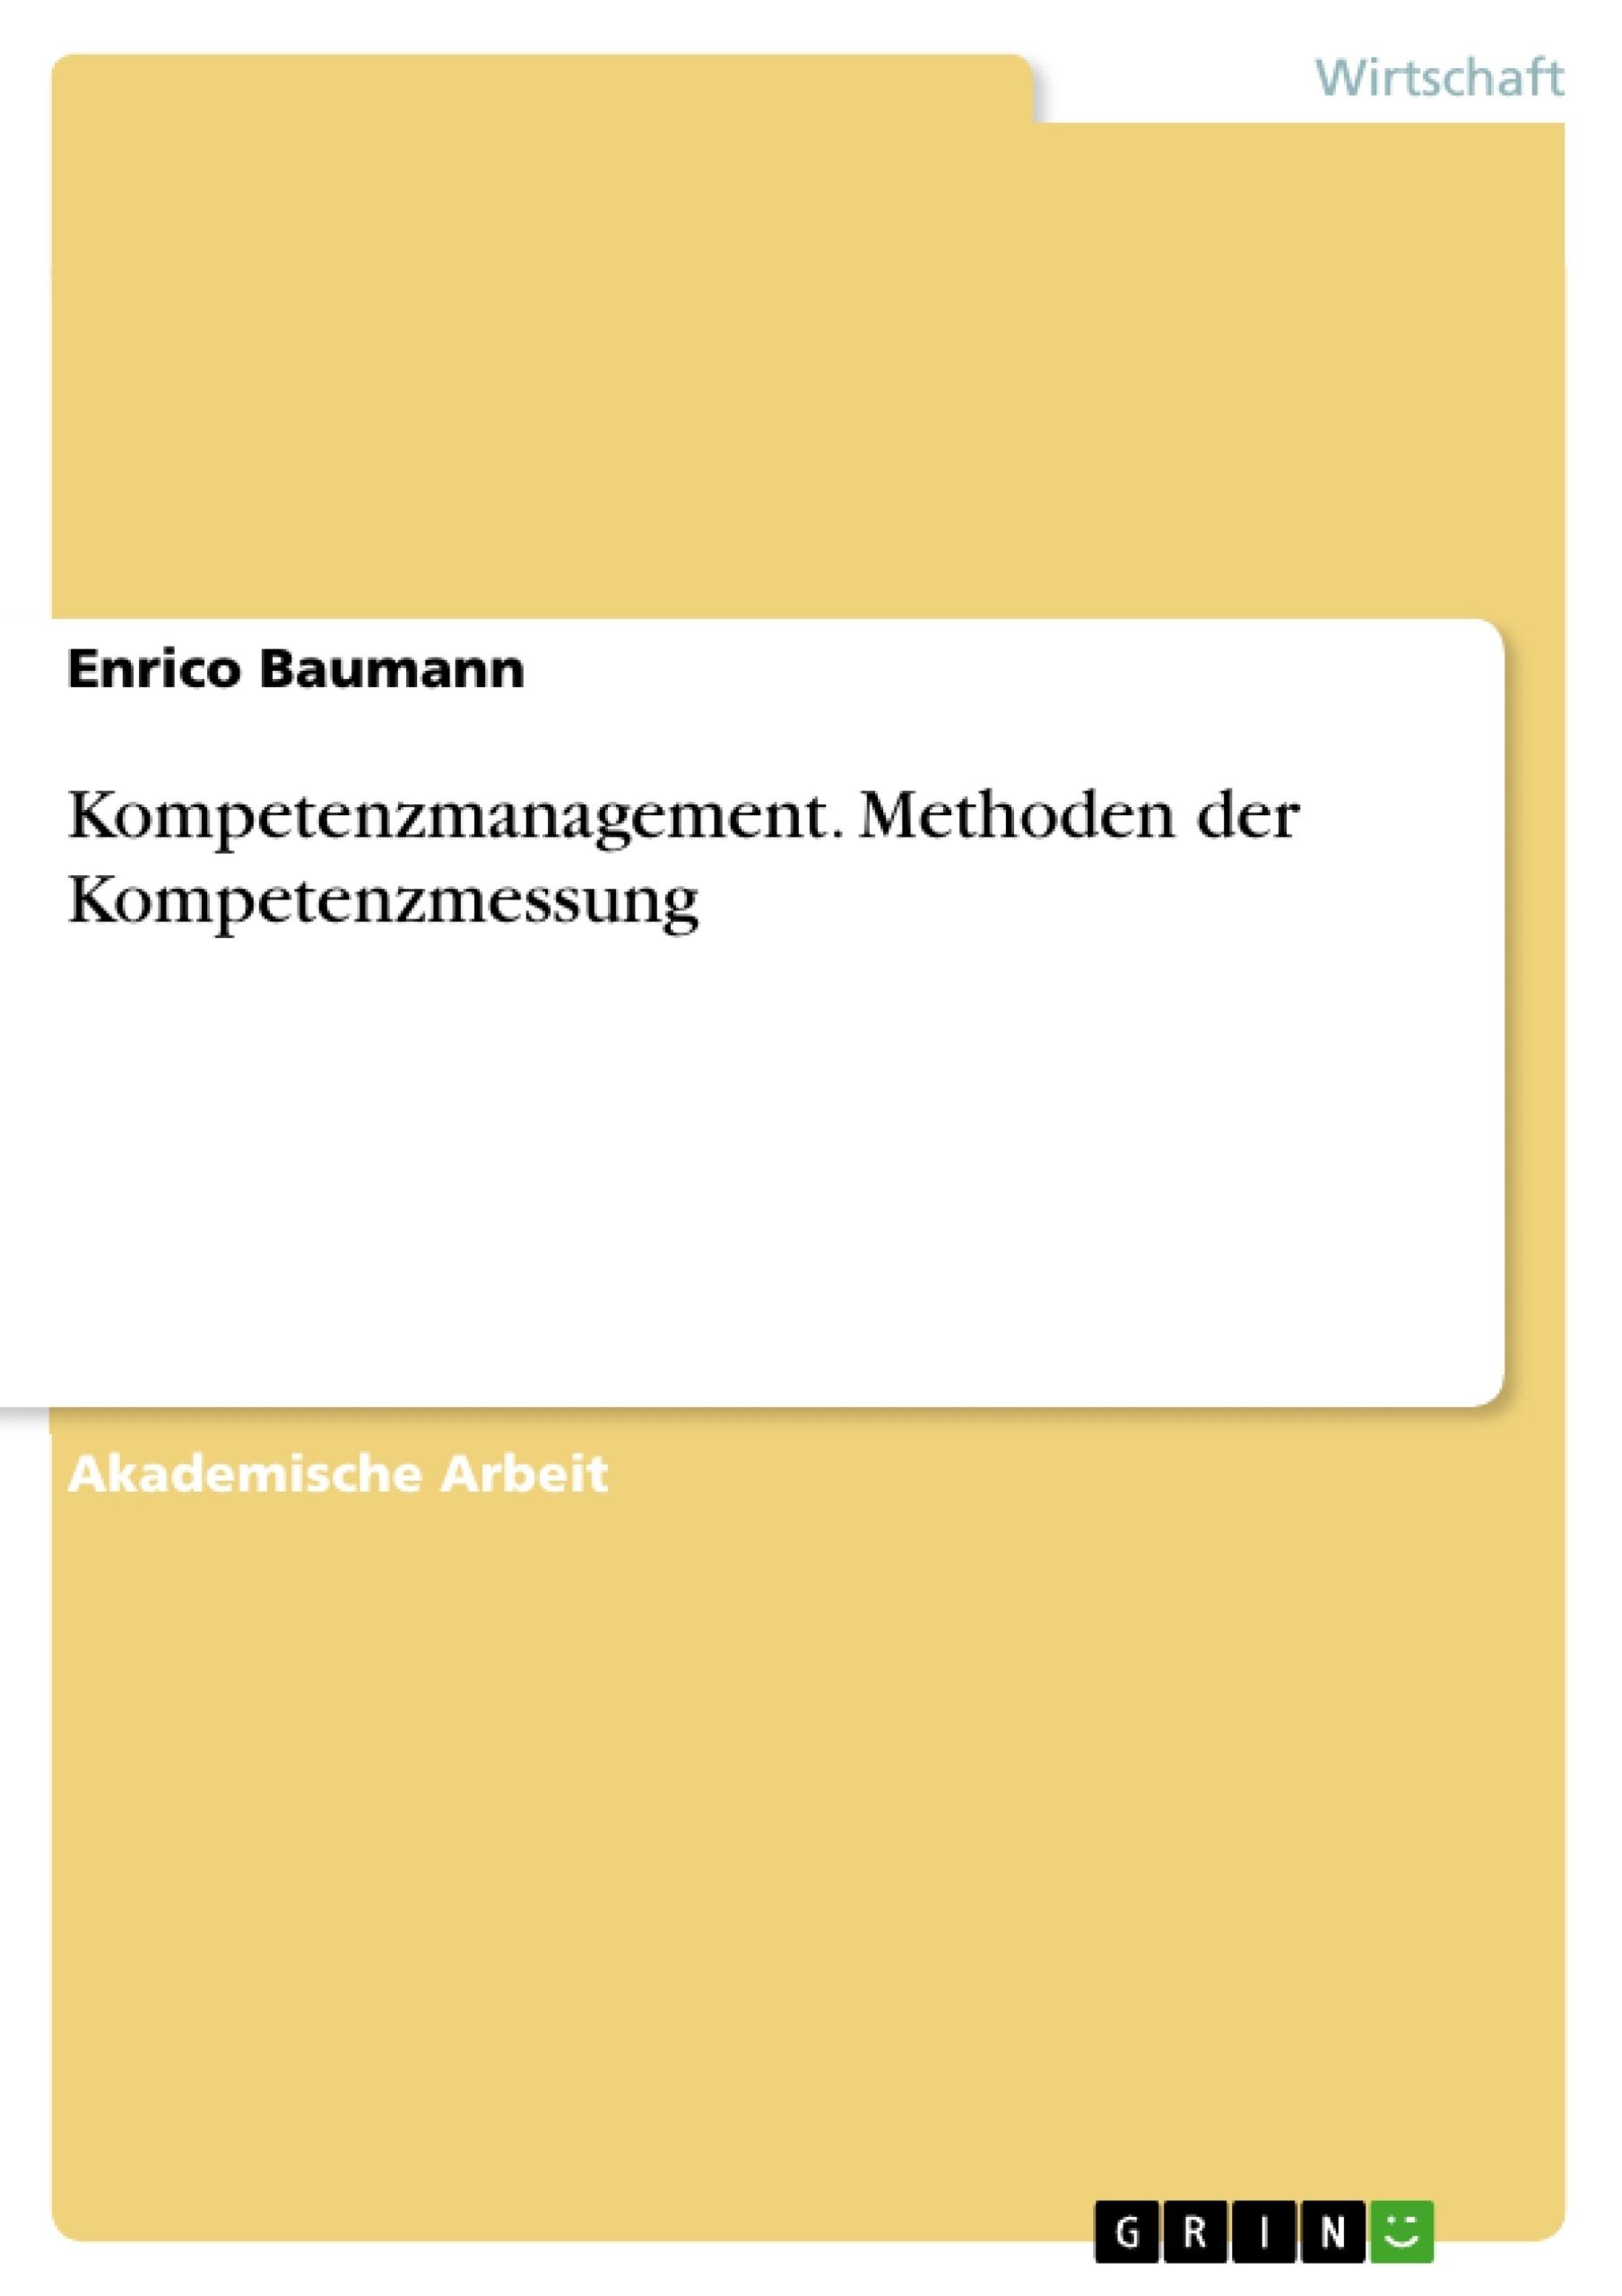 Titel: Kompetenzmanagement. Methoden der Kompetenzmessung